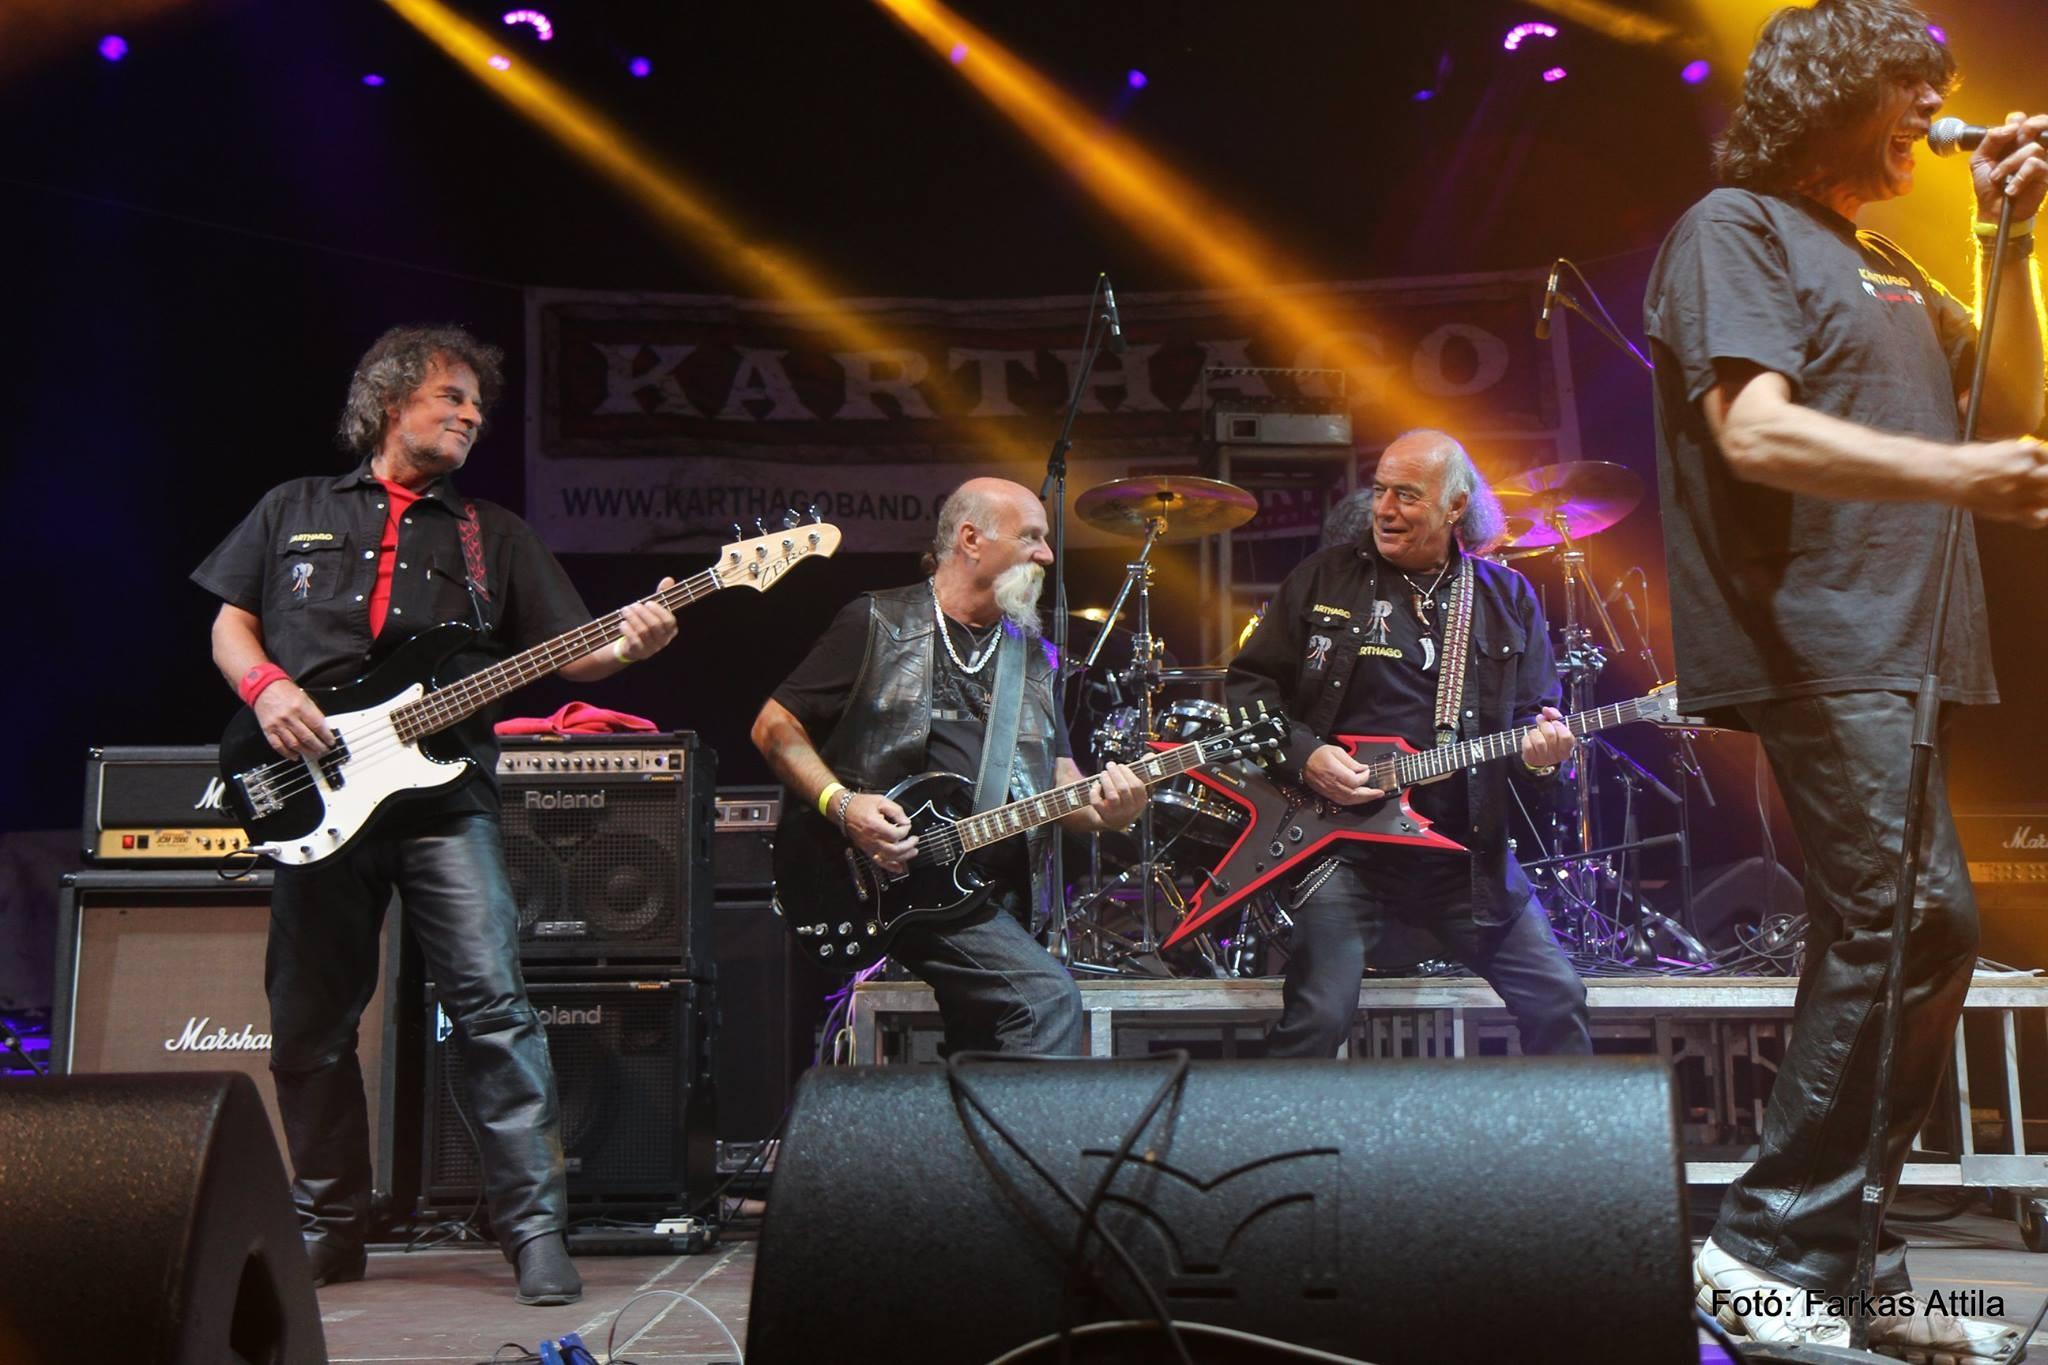 Visszafoglalják a magyar rocklegendák a Várkert Bazárt